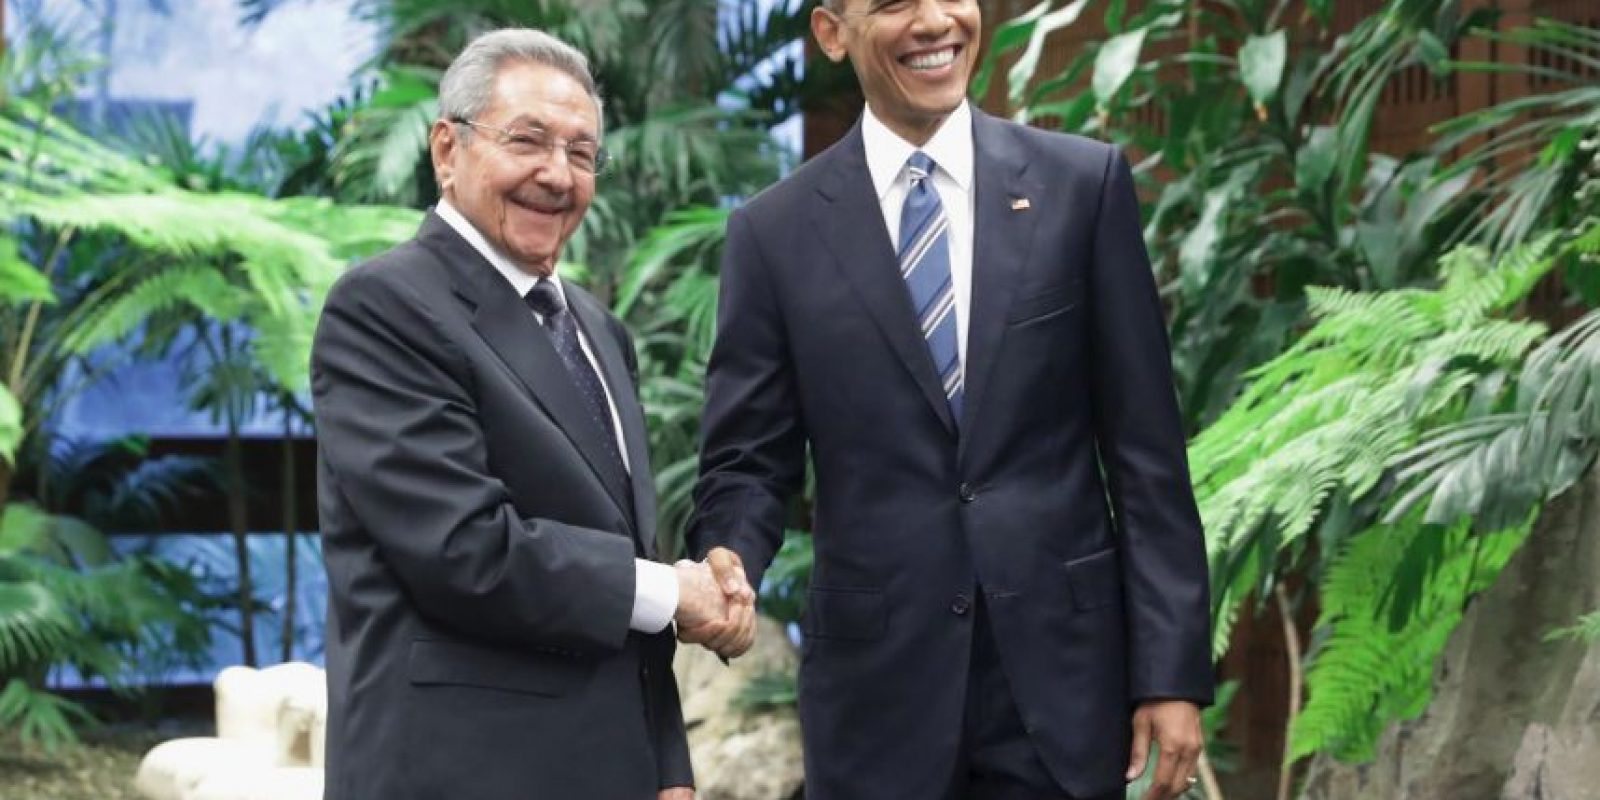 Poco después se reunió con el presidente cubano Raúl Castro. Foto:Getty Images